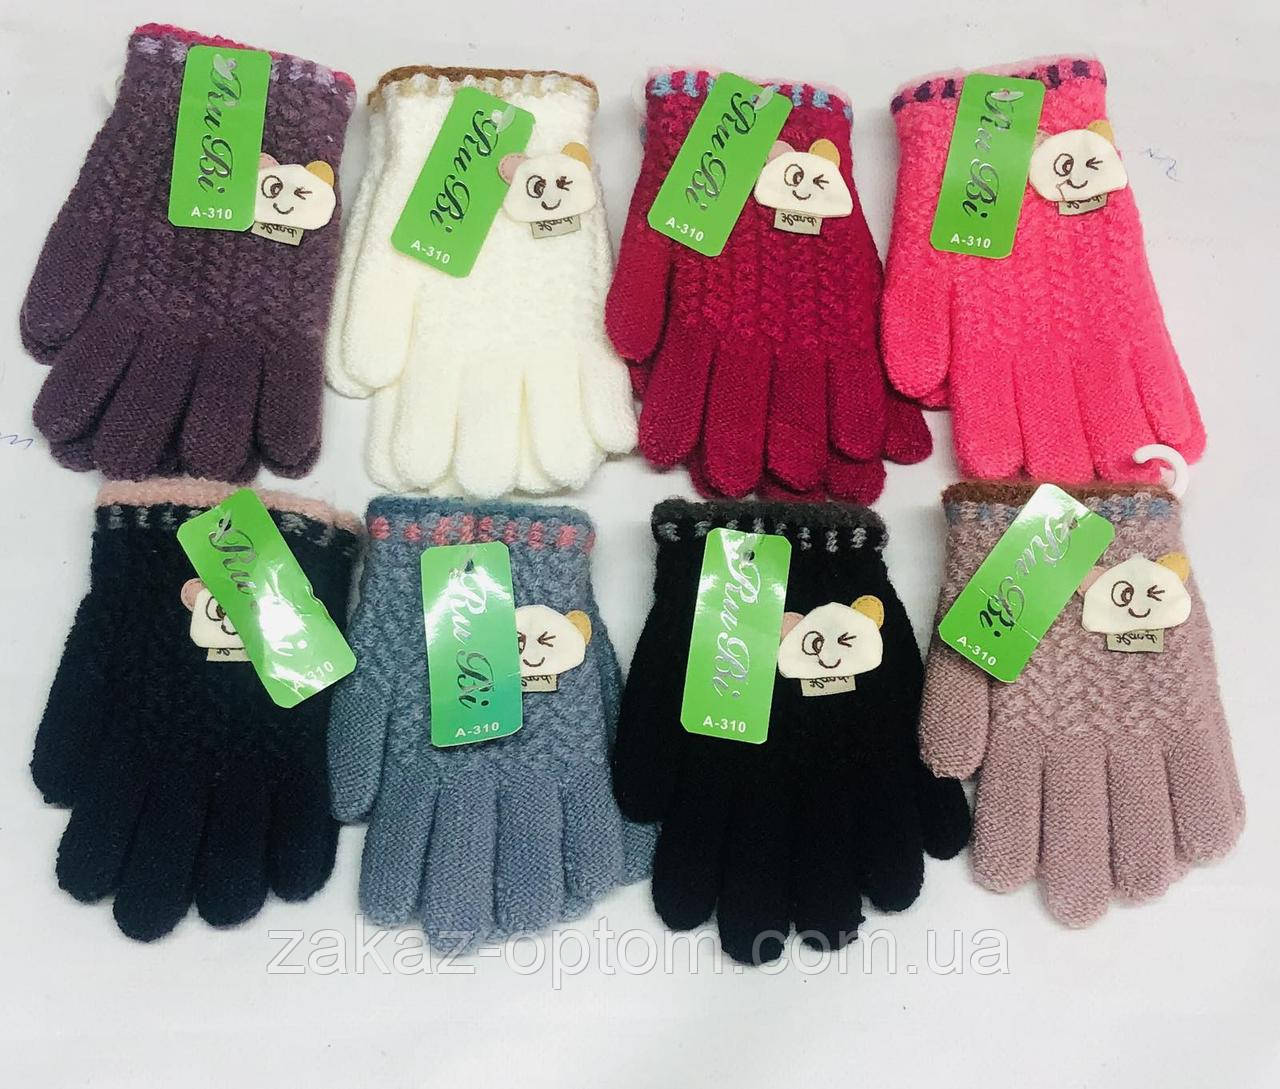 Перчатки детские оптом(3-5лет)Китай А-310-63290